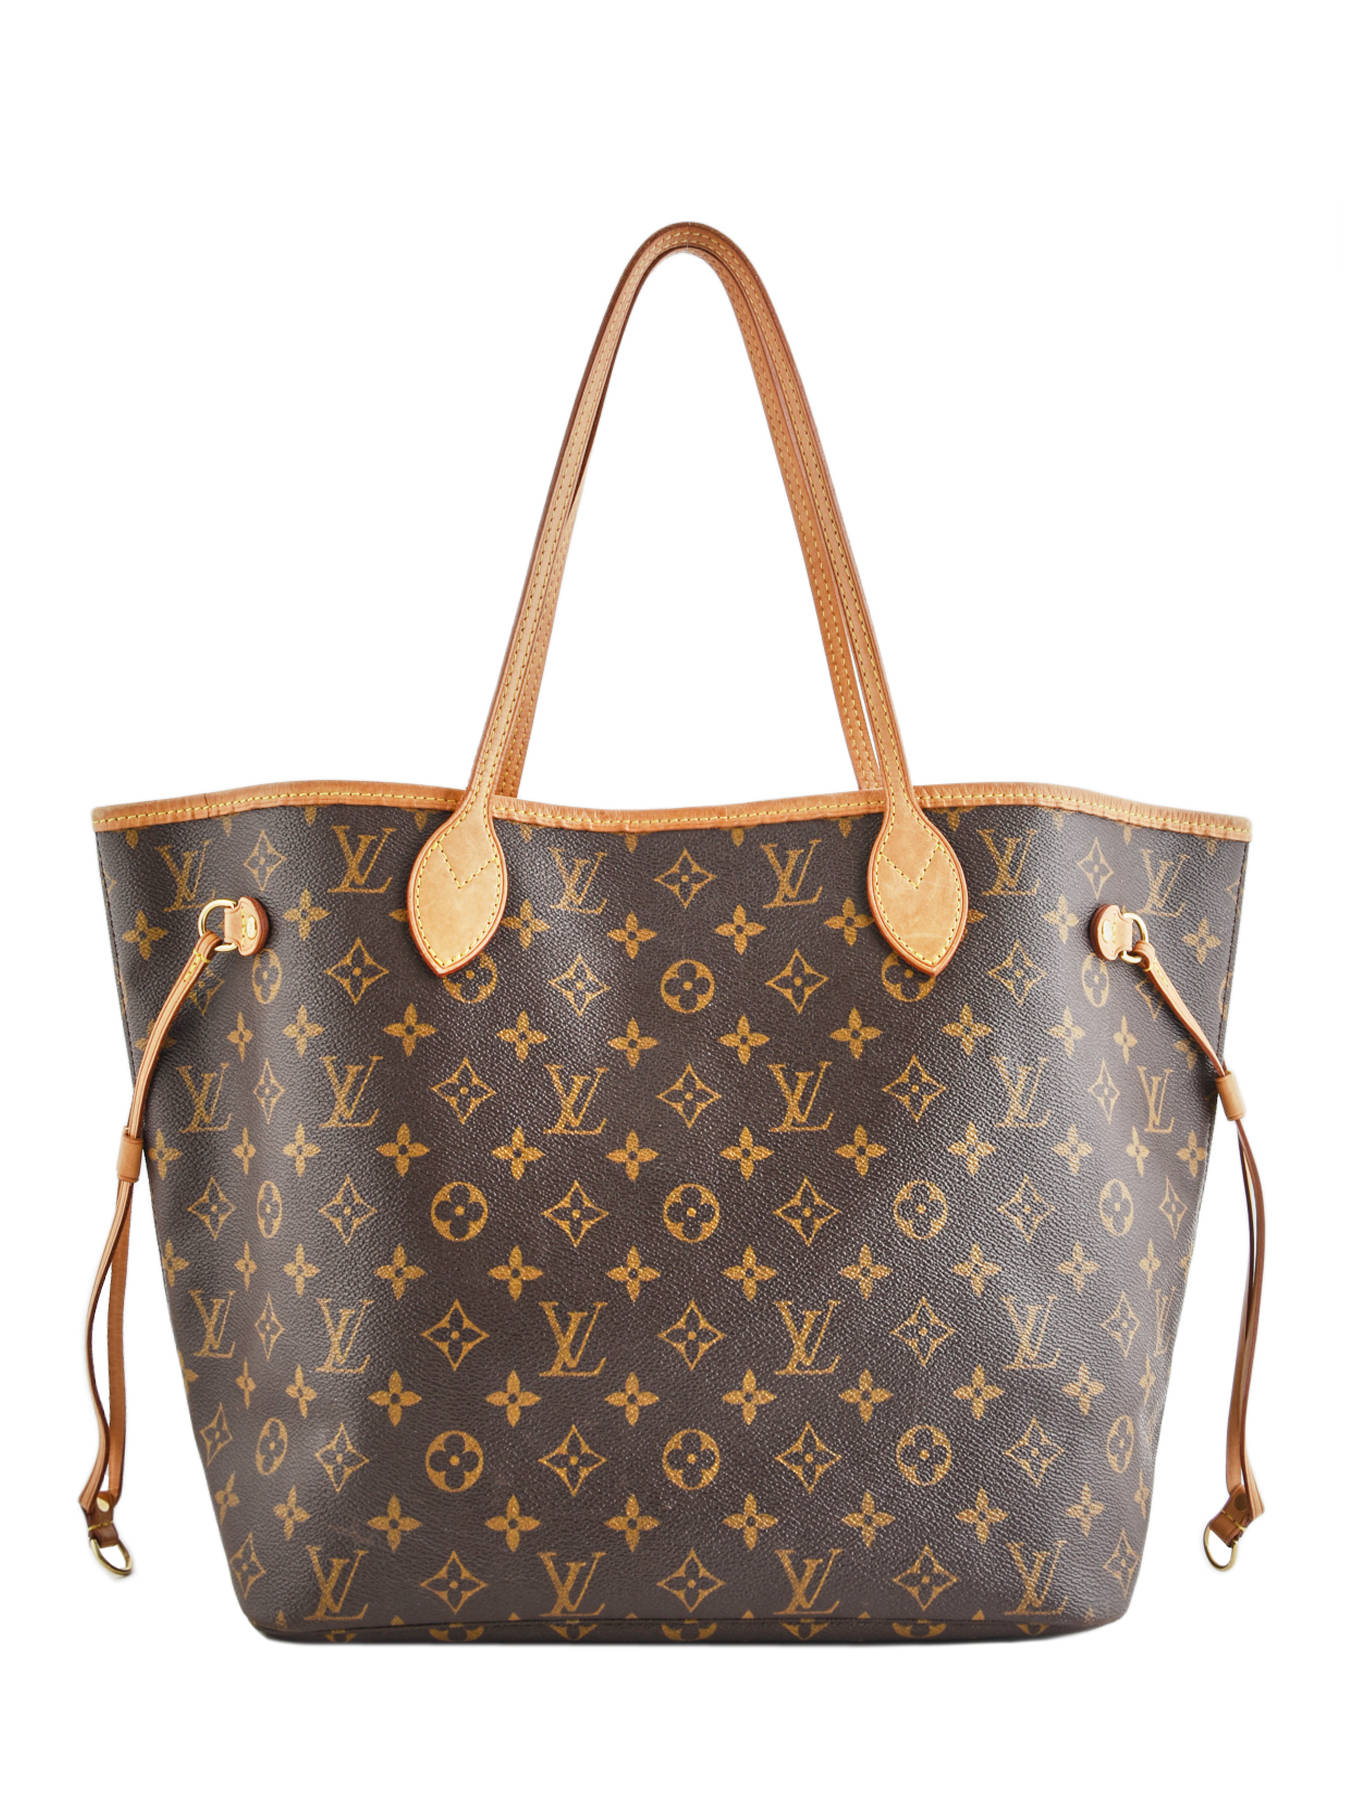 78650466e07 Preloved Louis Vuitton Schoudertas Neverfull Monogram Brand connection  Bruin louis vuitton 400A ...